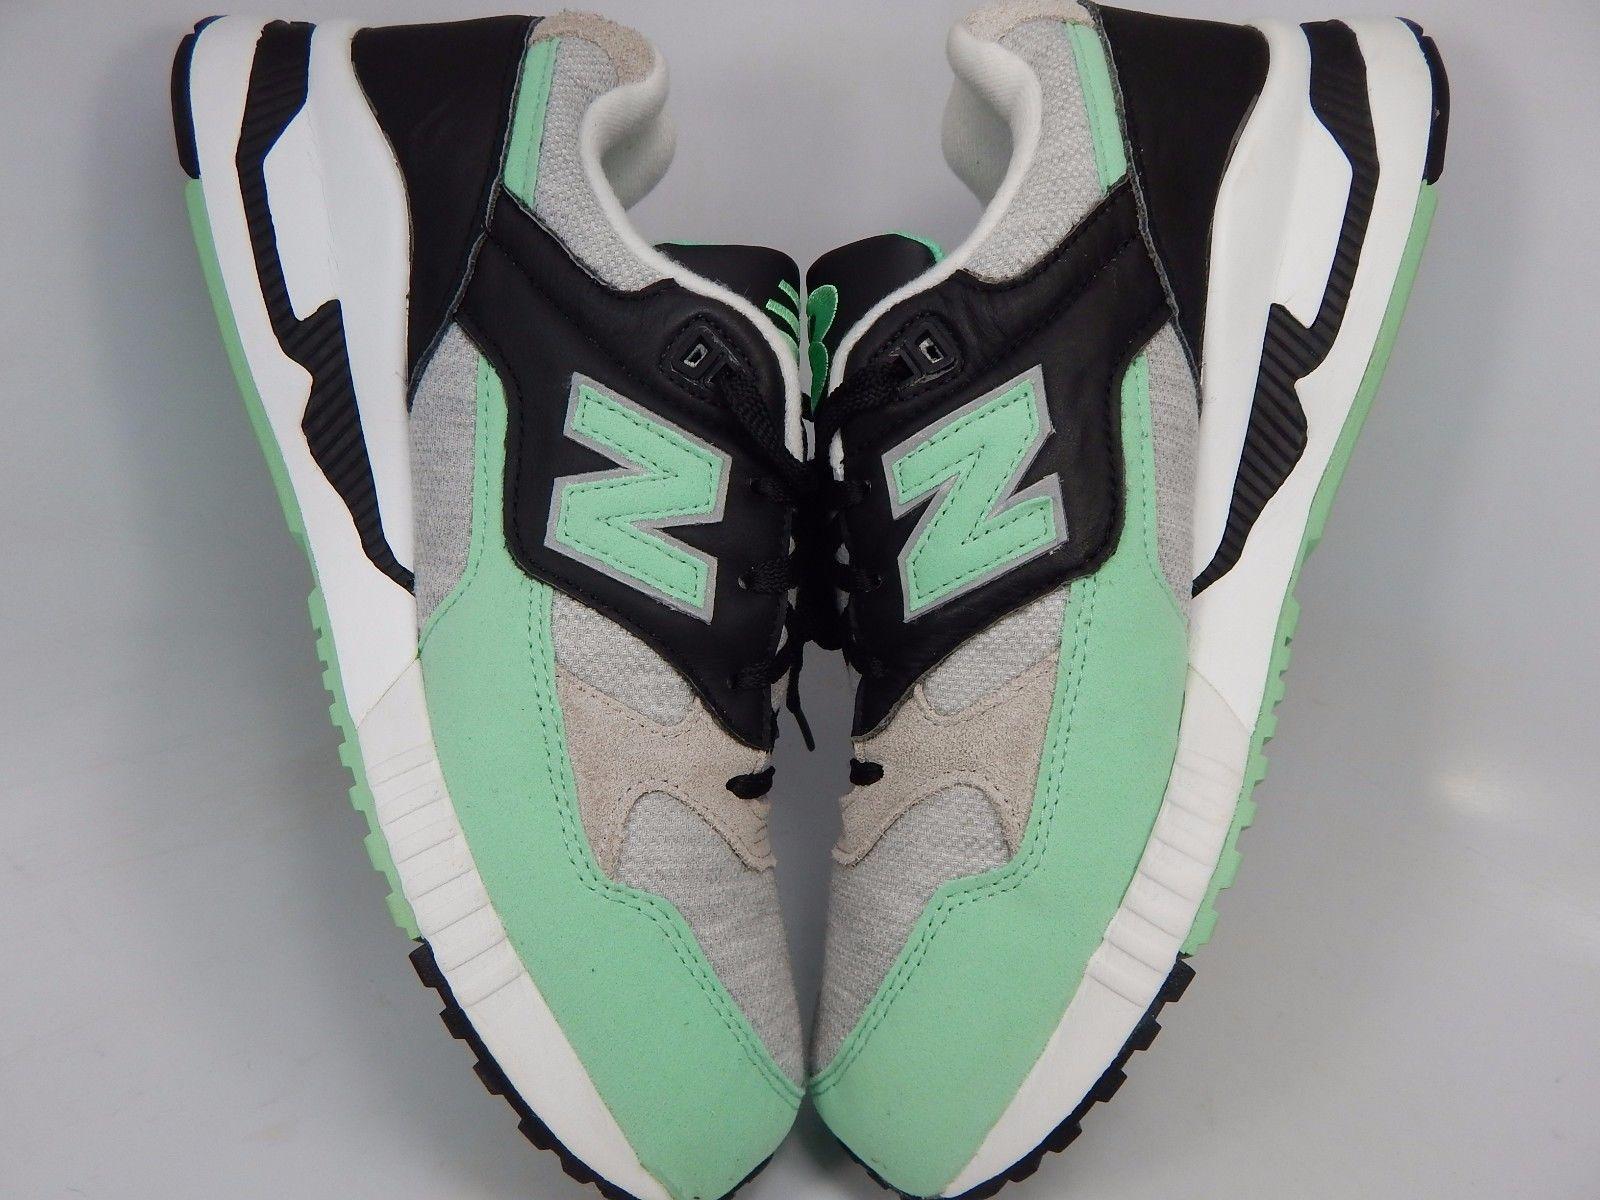 New Balance 530 Classic Women's Running Shoes Size US 11 M (B) EU 43 W530PIK